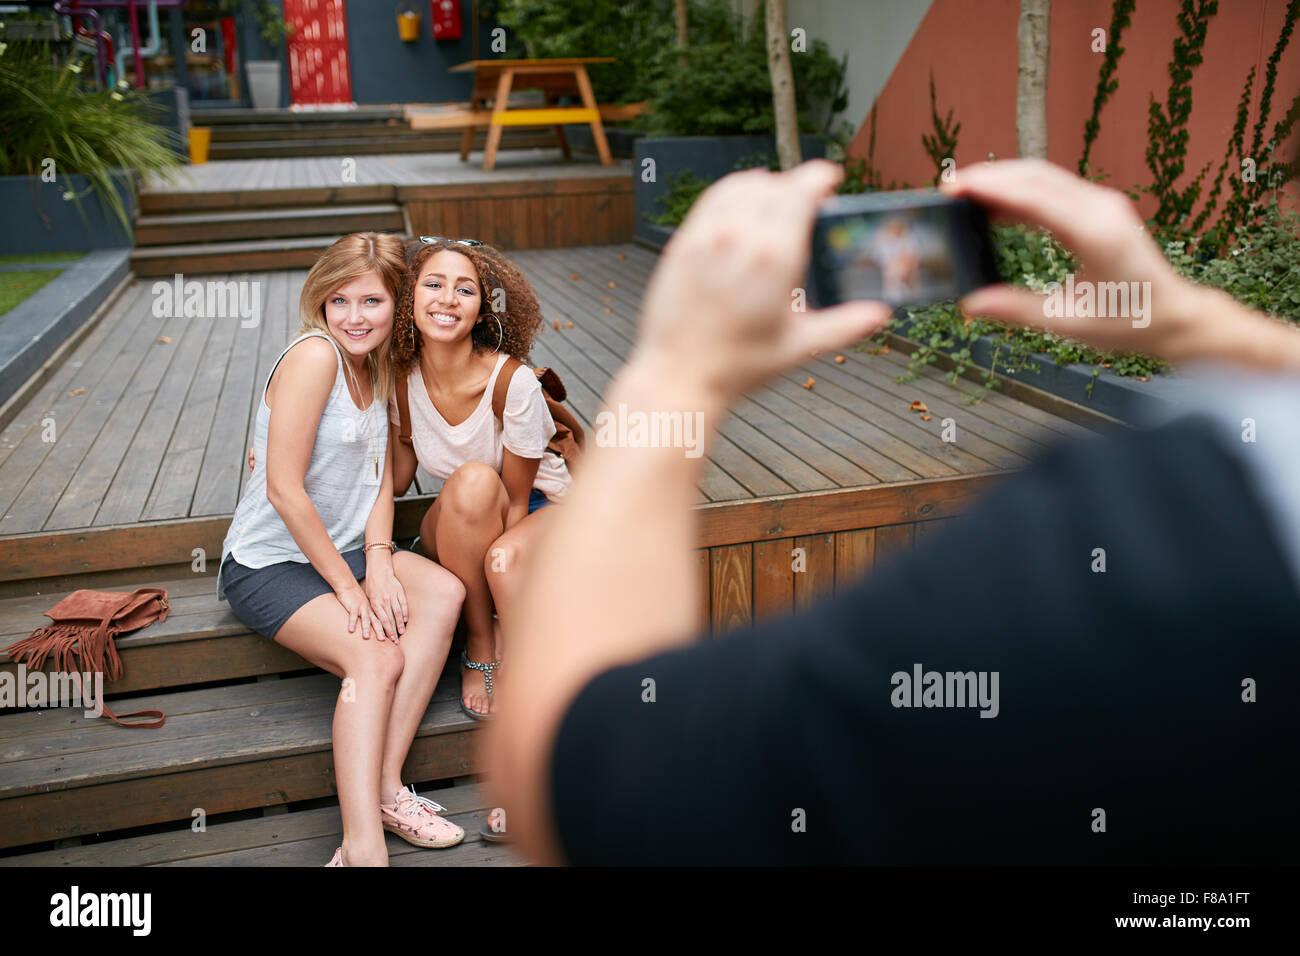 Zwei junge Frau sitzt zusammen posieren für ein Fotografieren ihres Freundes. Mann die Fotos seiner Freunde Stockbild